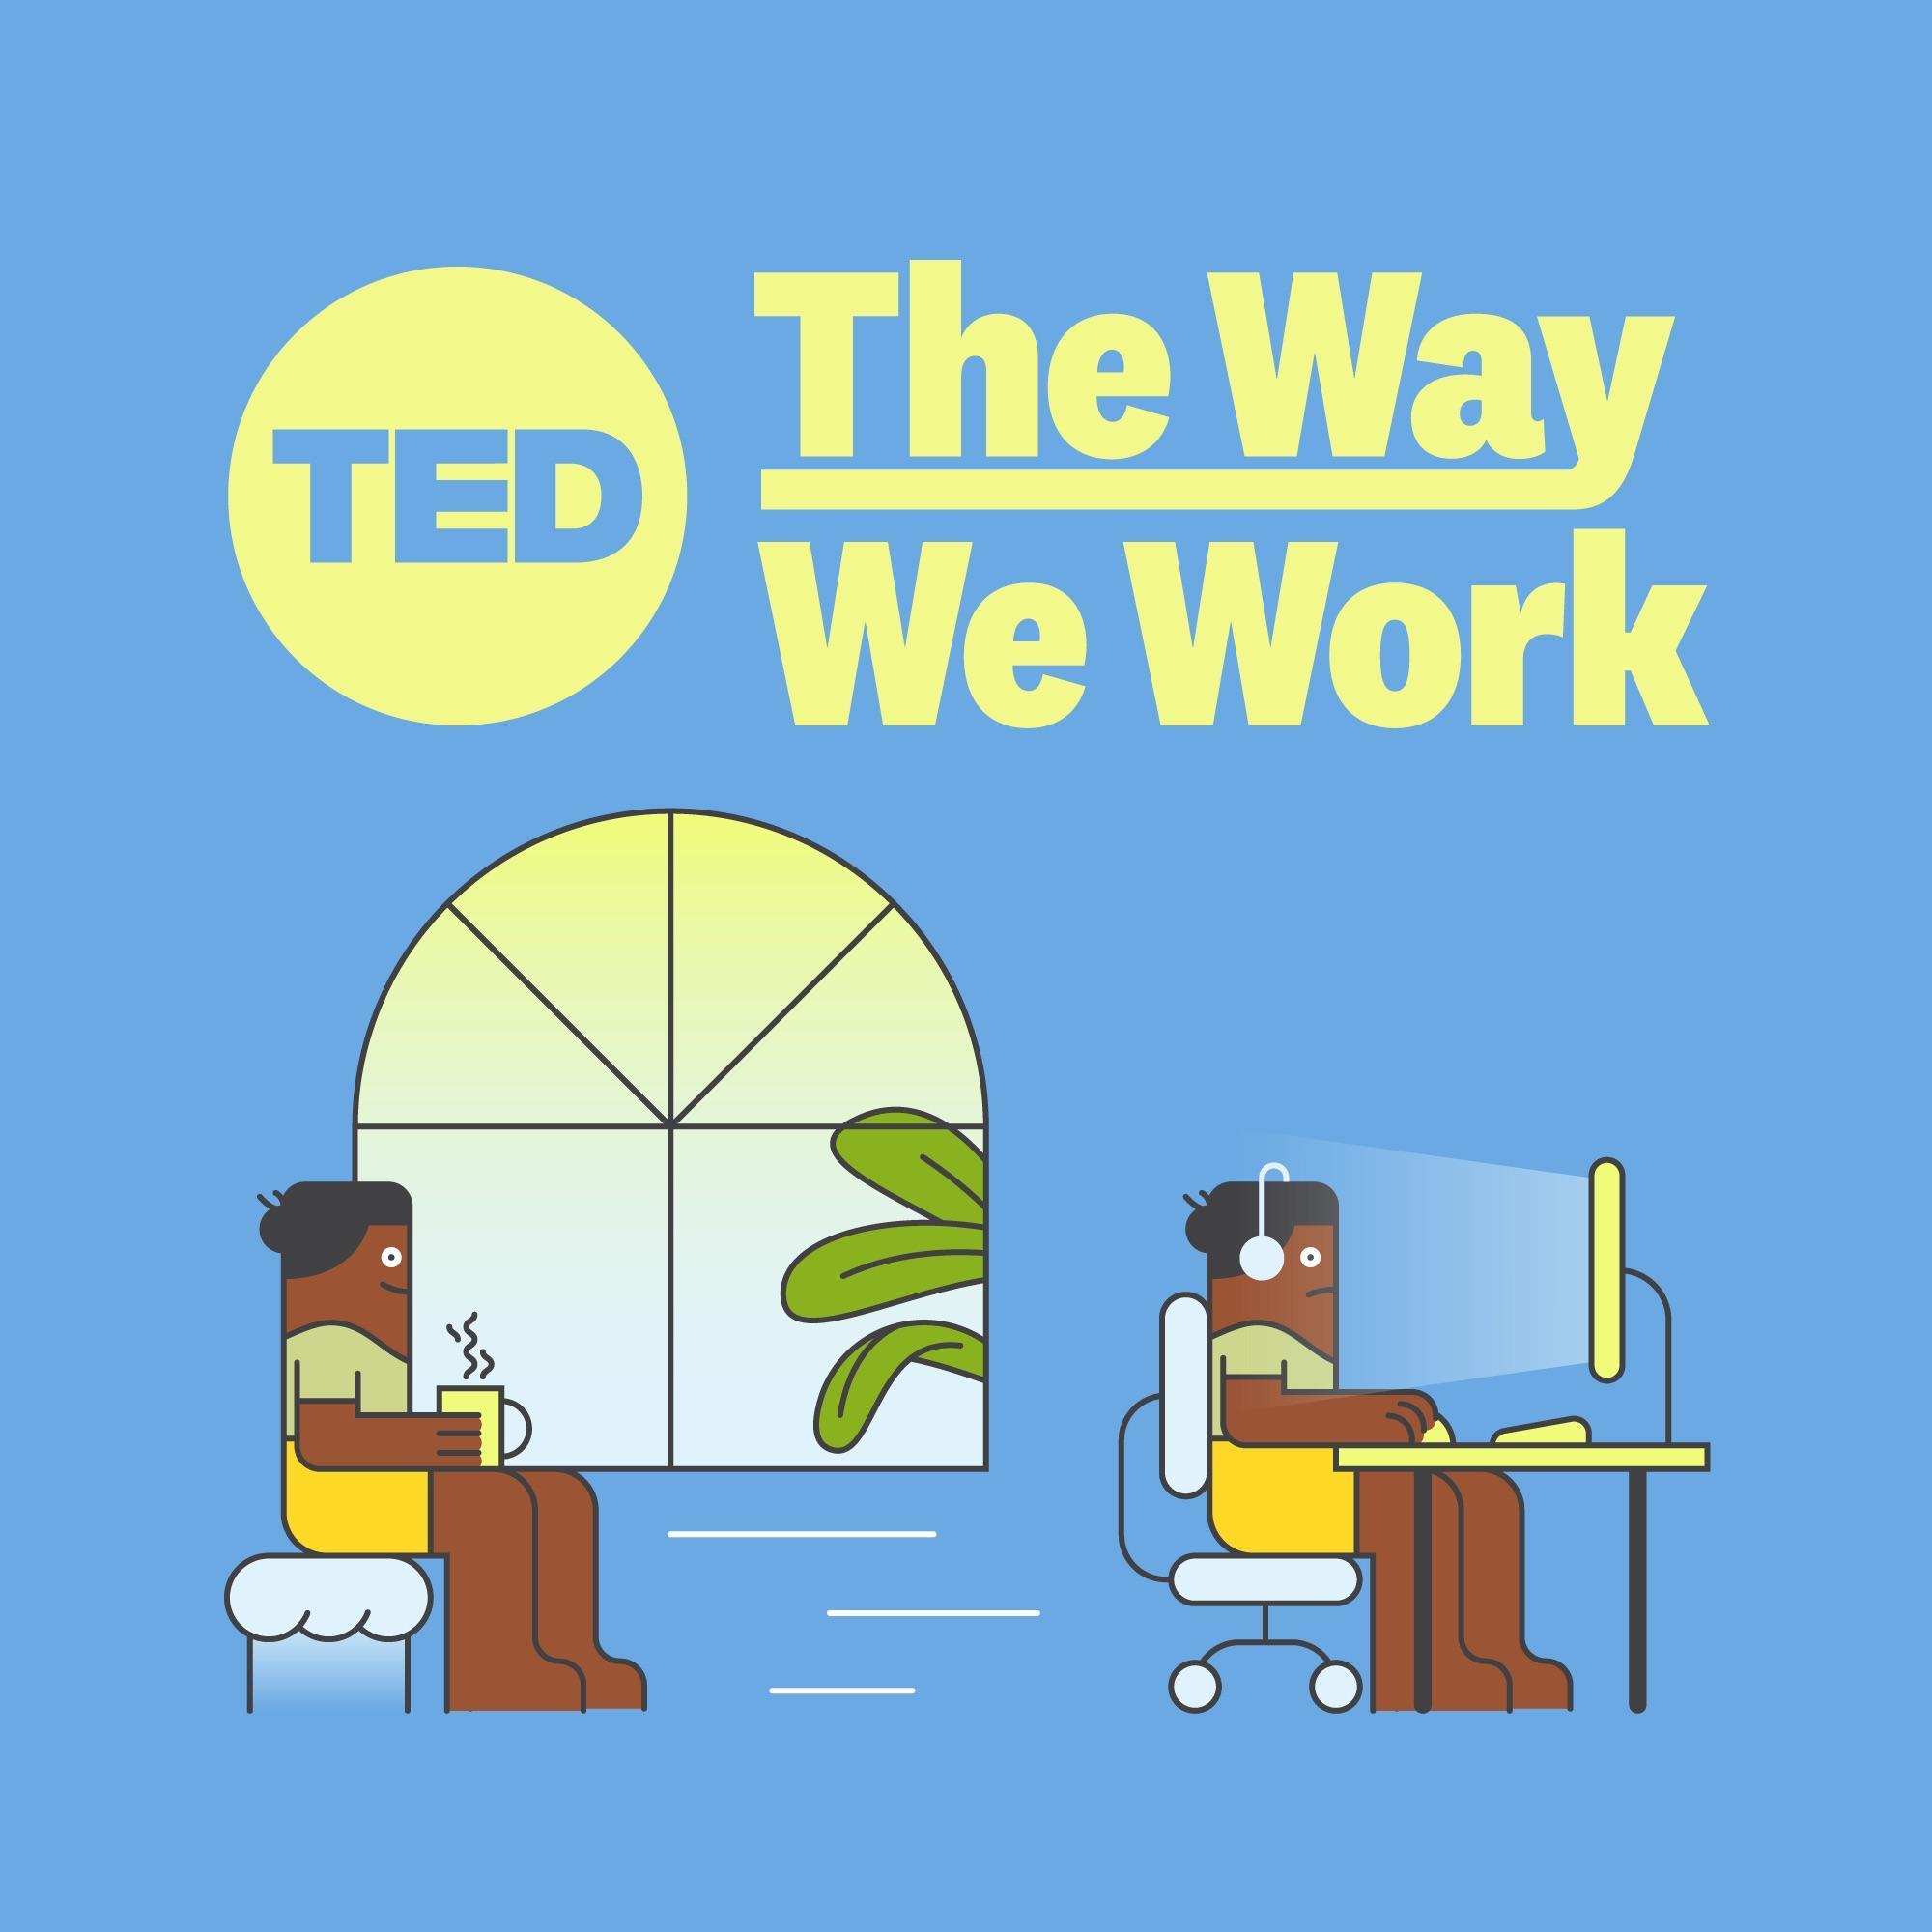 The Way We Work